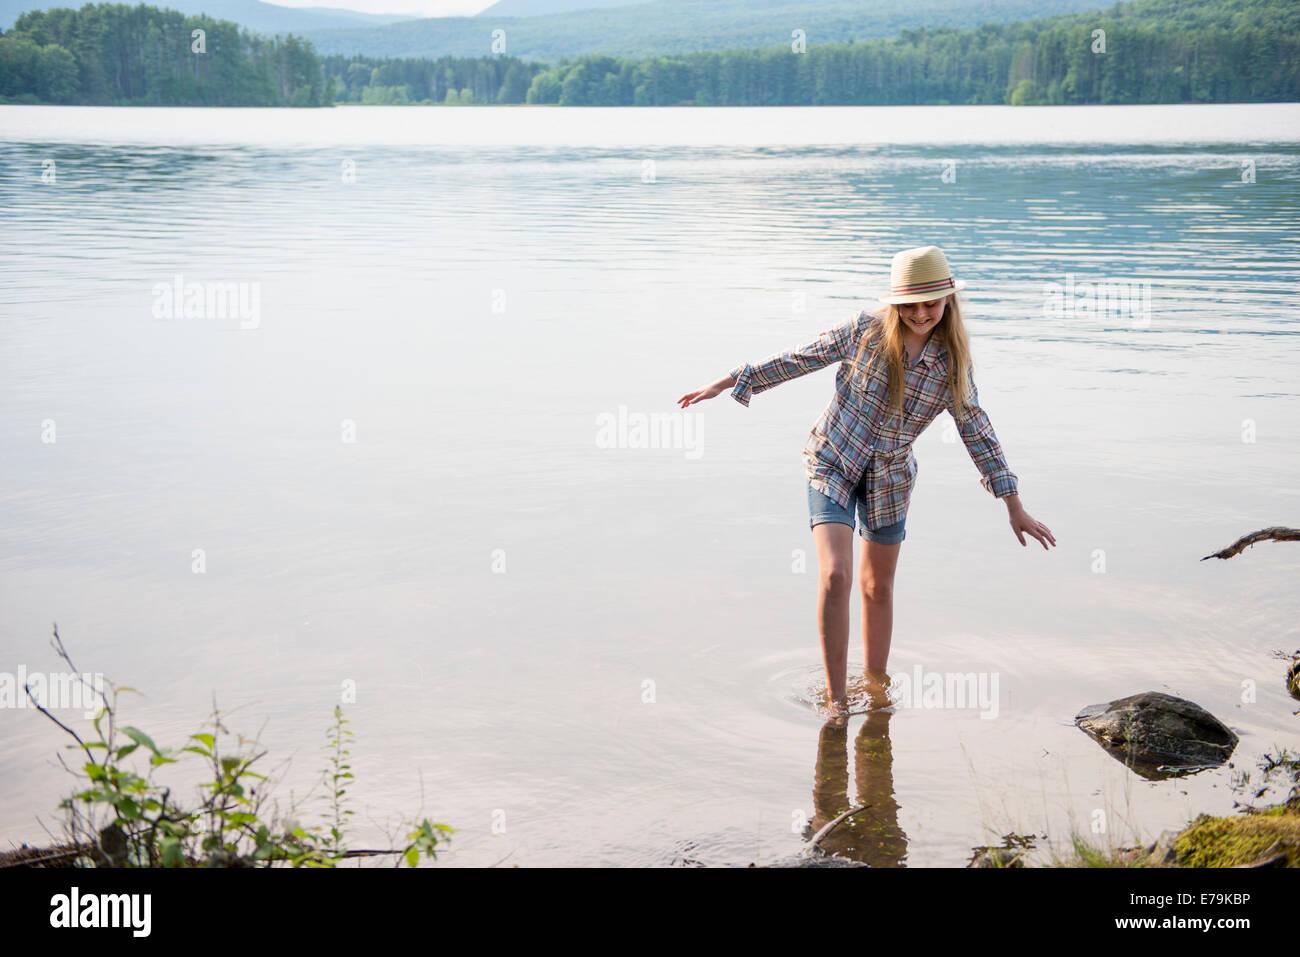 Une jeune fille dans un chapeau de paille et des courts-circuits pagayer dans les eaux peu profondes d'un lac. Photo Stock